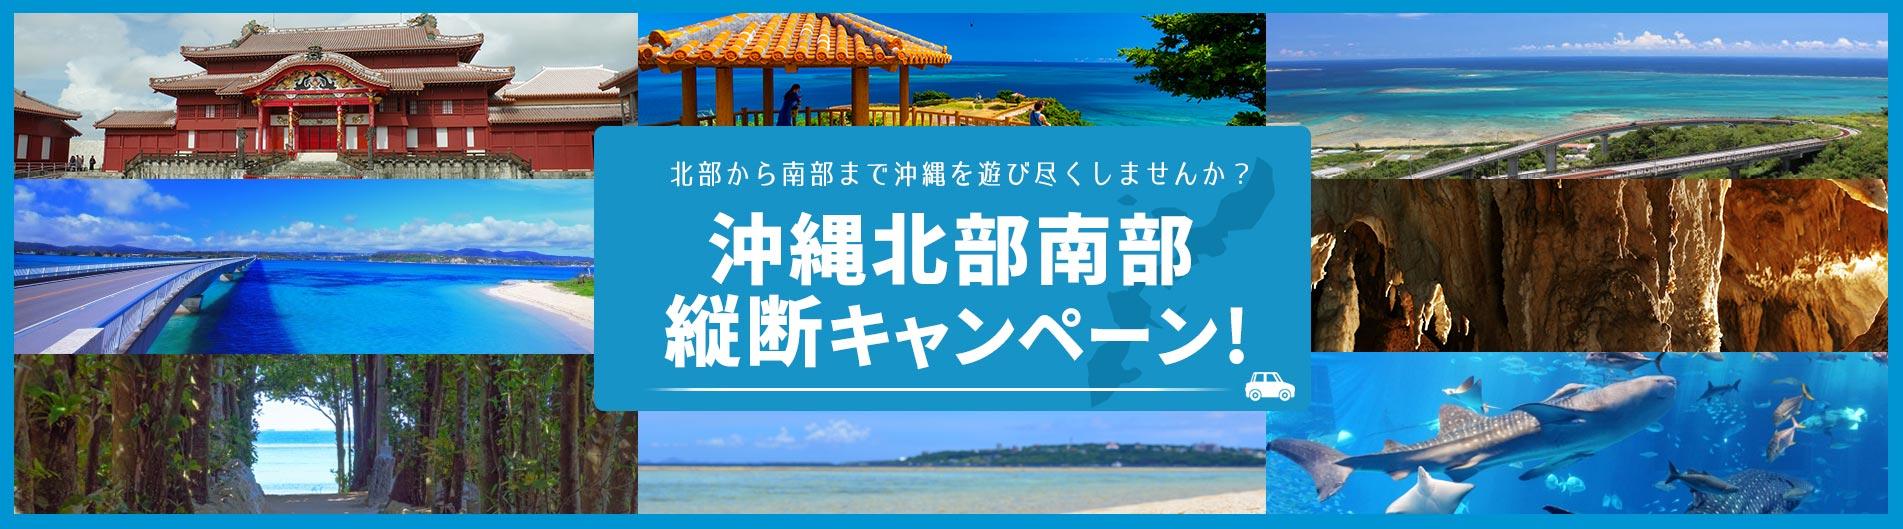 沖縄南部北部宿泊縦断